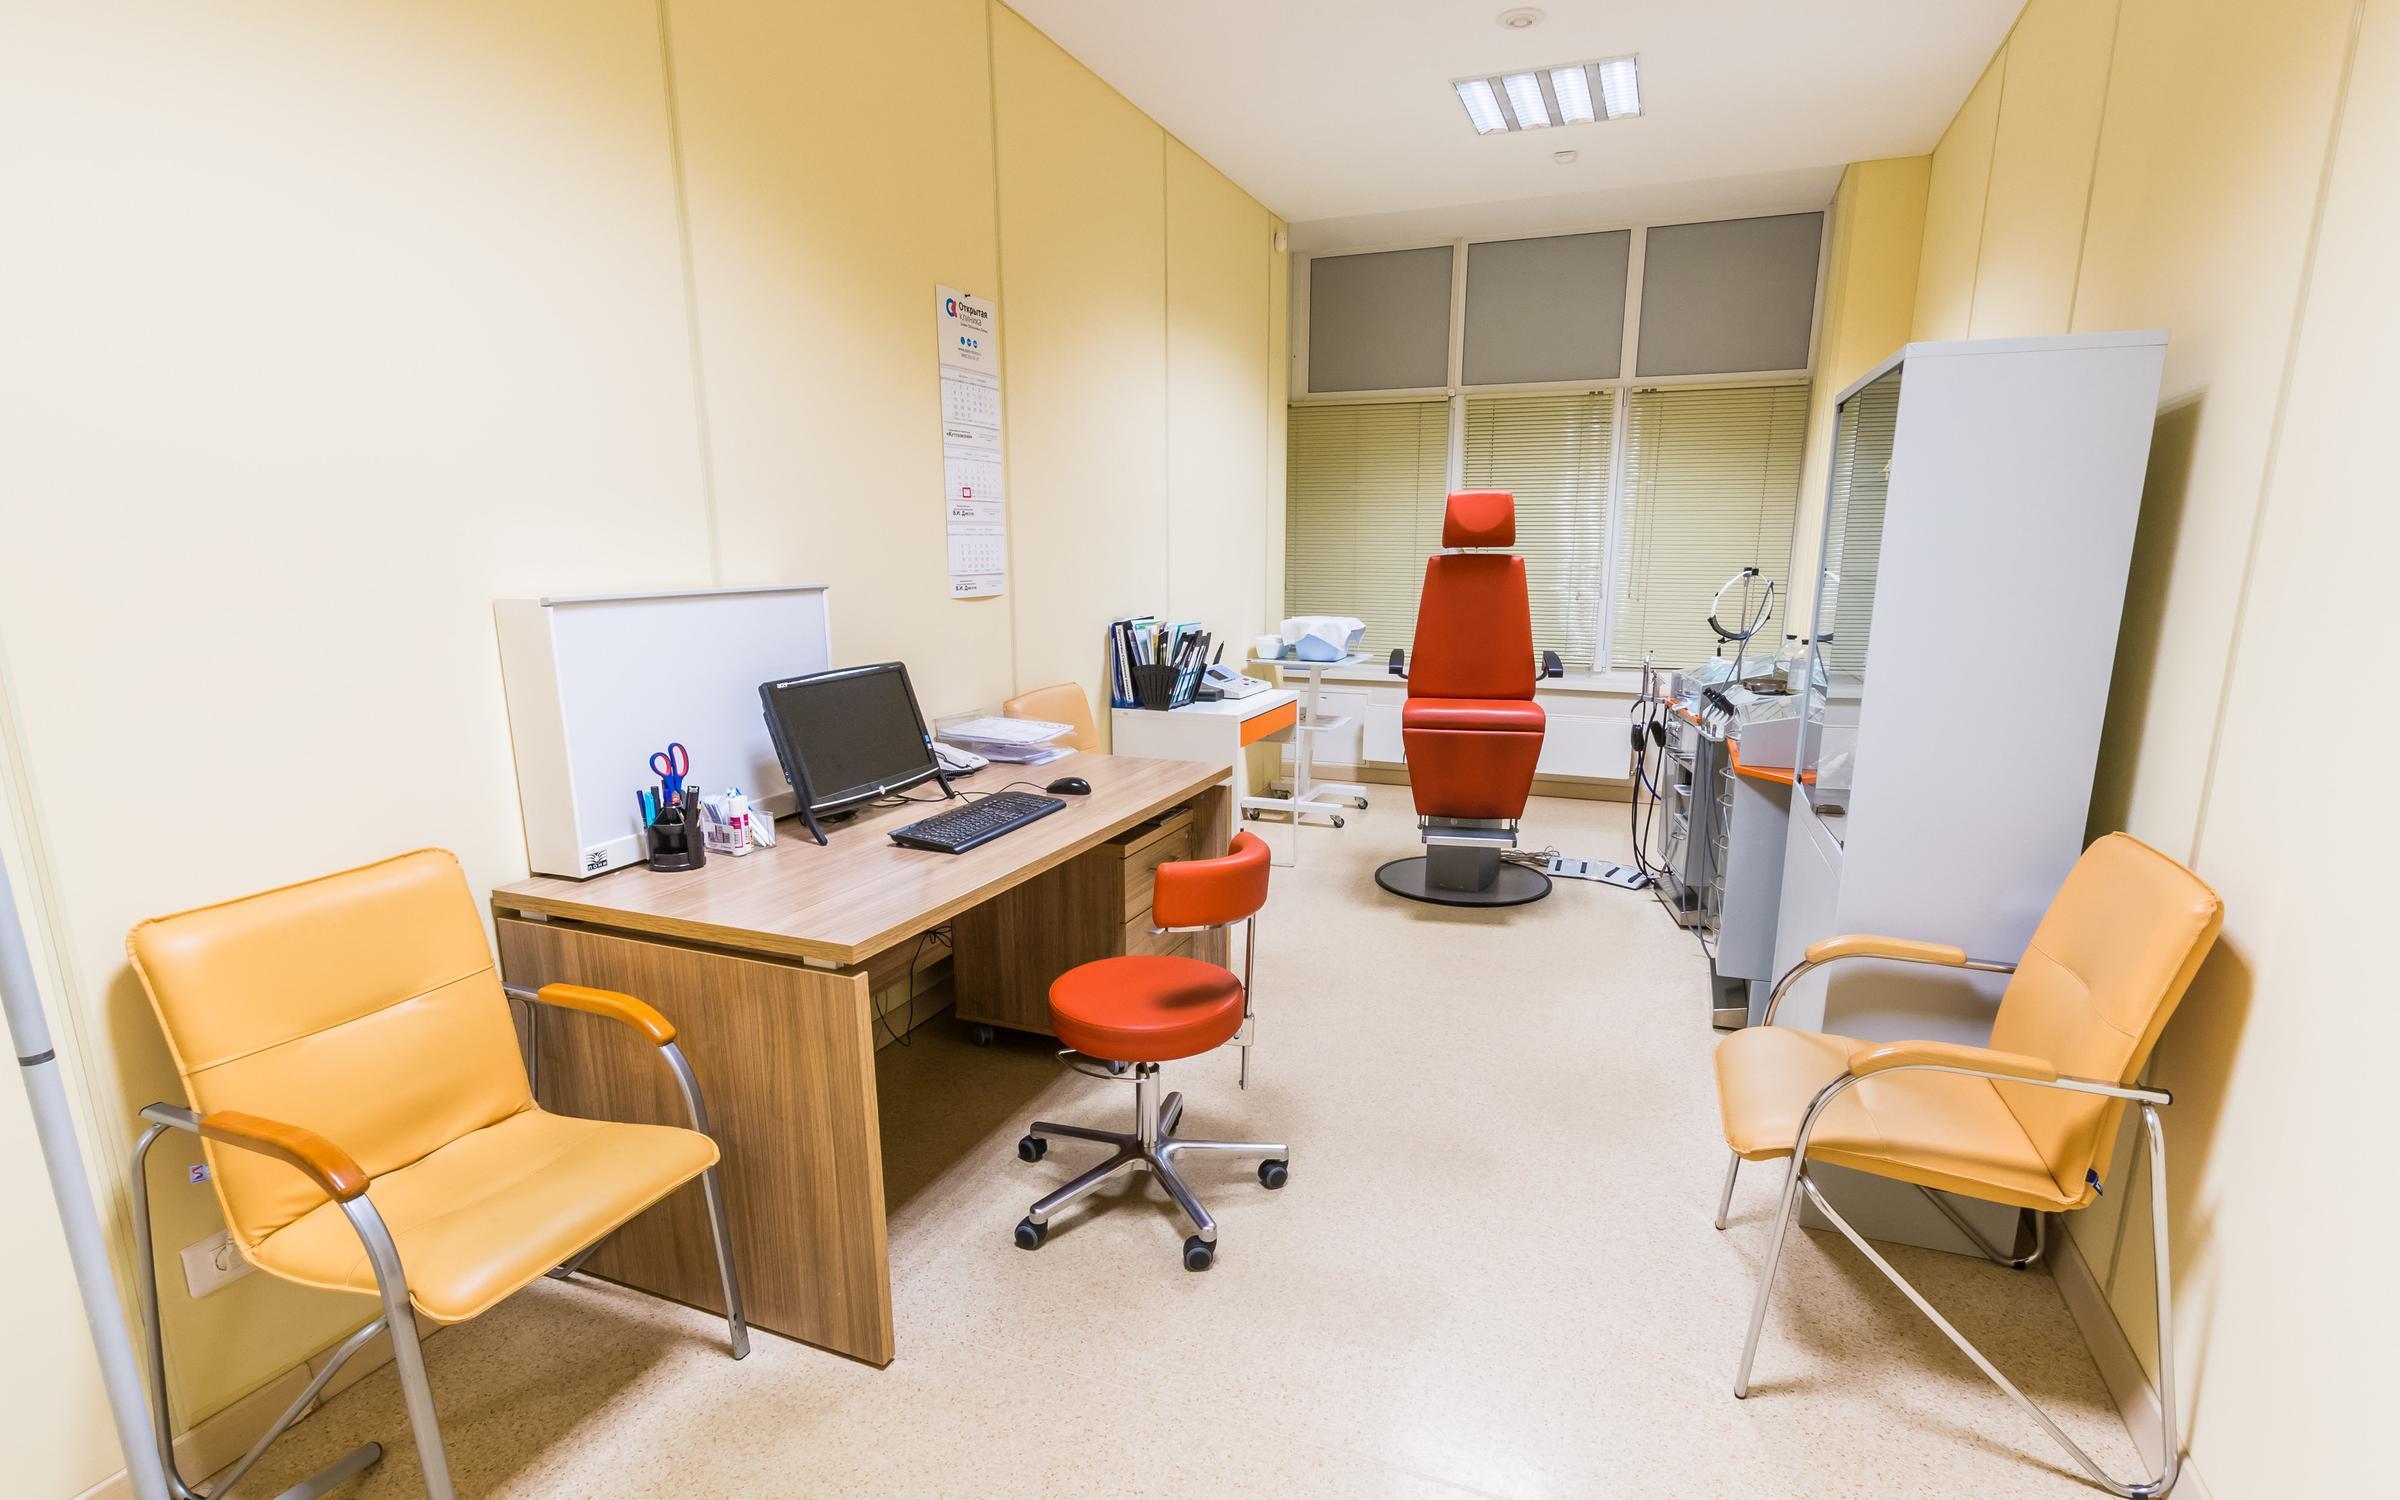 фотография Открытой клиники Лечебно-диагностический центр Кутузовский на метро Славянский бульвар